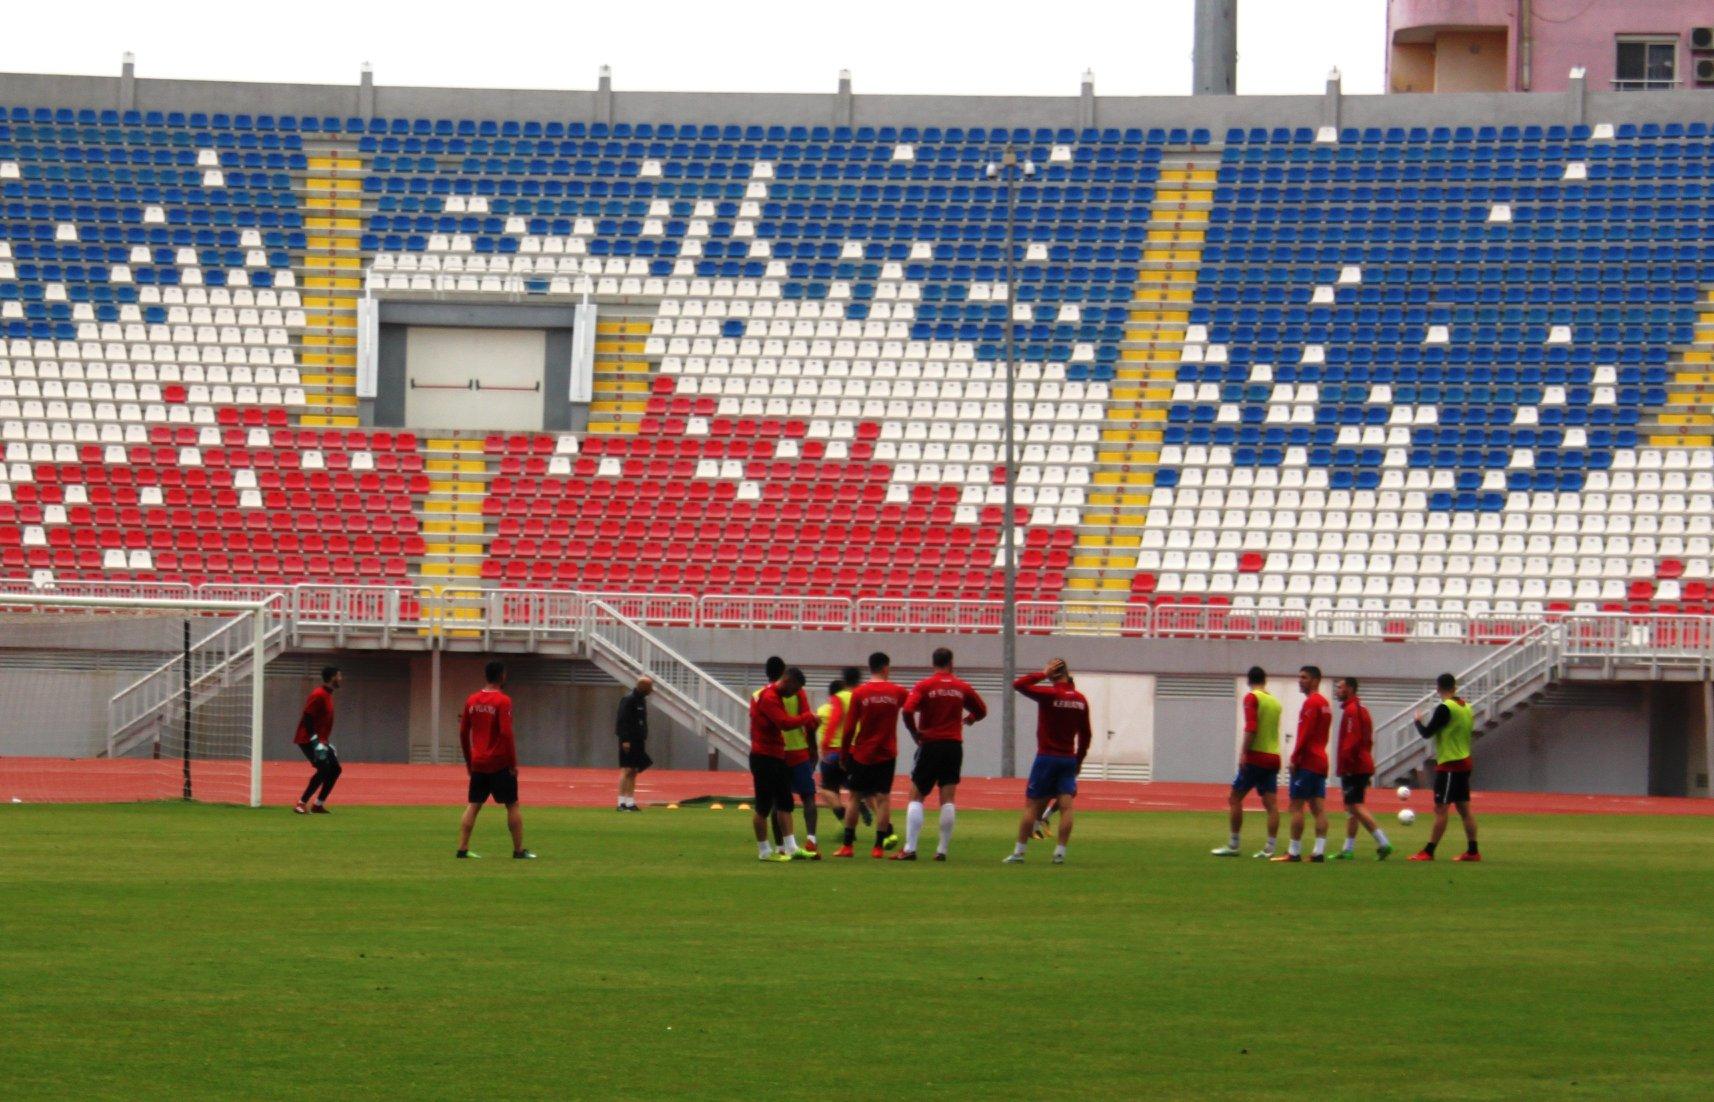 """Tërbuni i Pukës """"zyrtarizon"""" rënien e Vllaznisë, letër FSHF-së: Kërkojmë ndeshje direkte me Orikumin"""